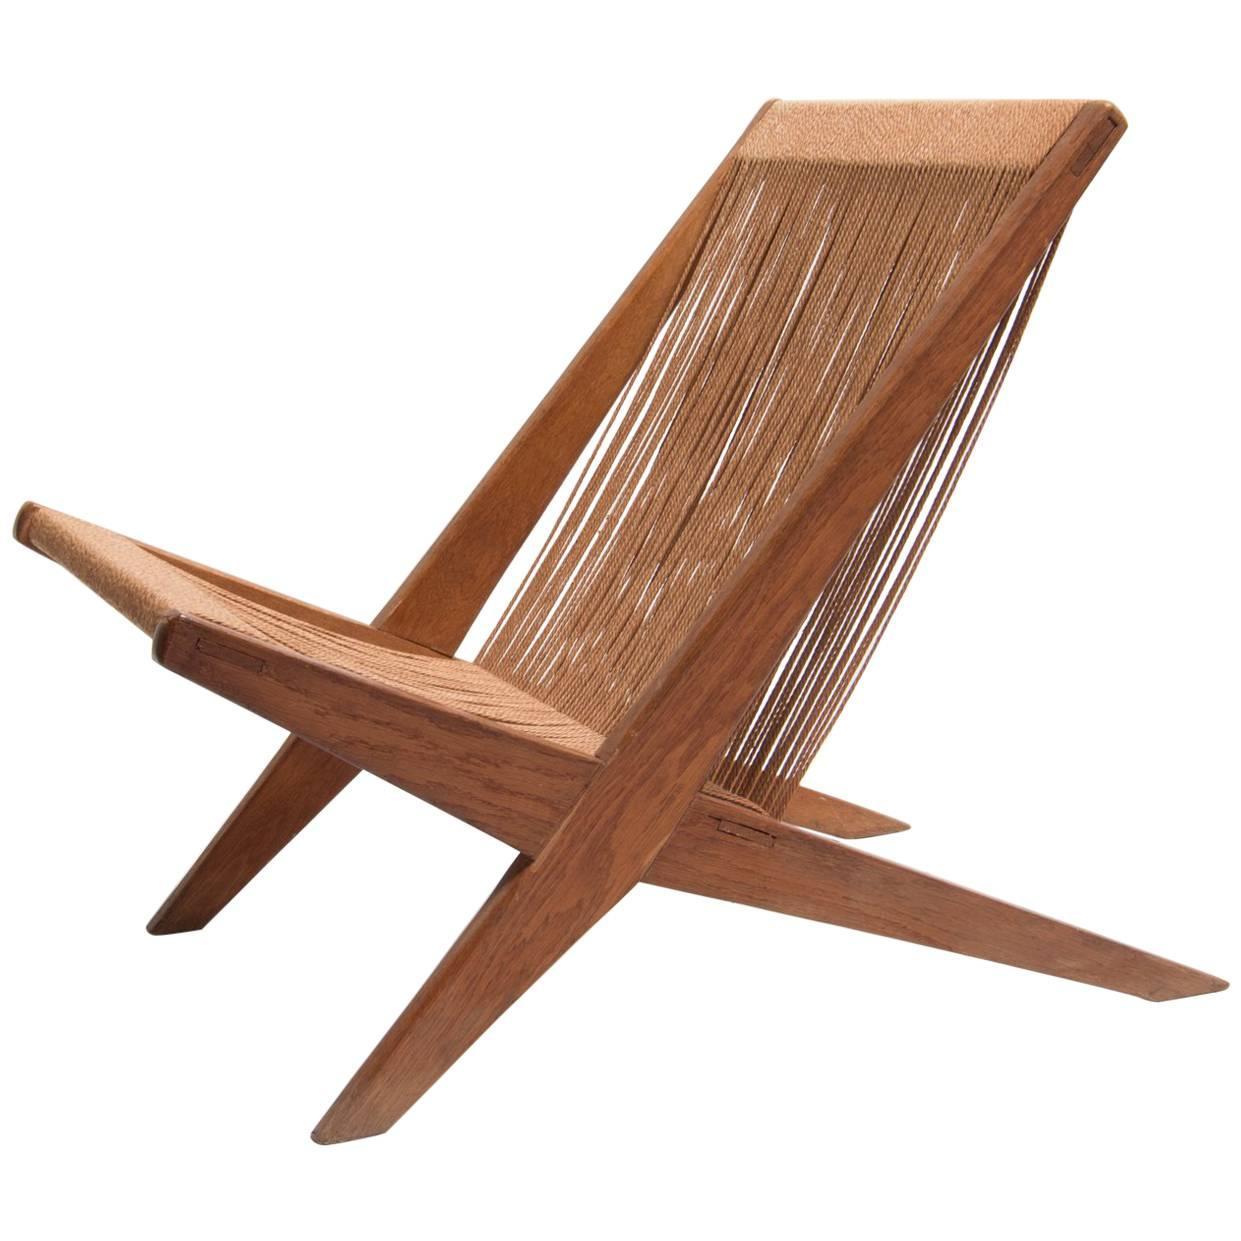 Poul Kjaerholm And Jørgen Høj Snedkerier Lounge Chair 1